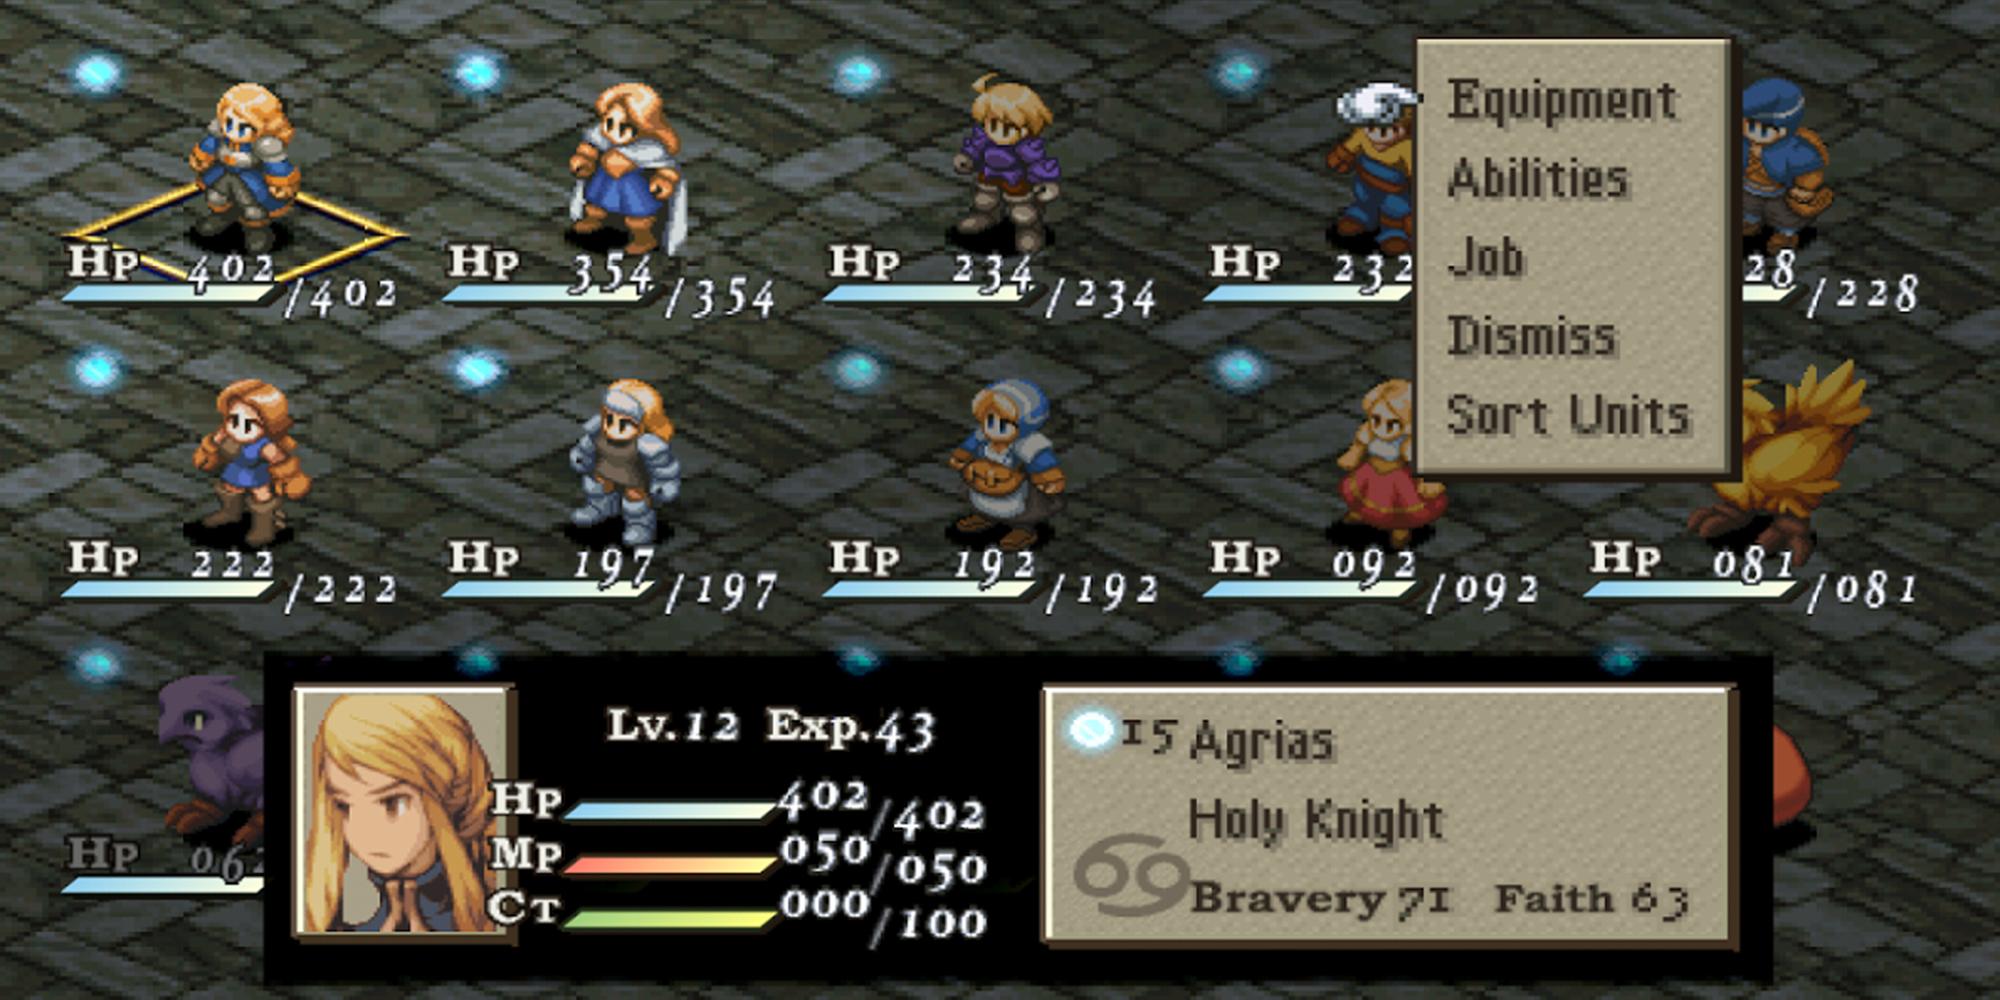 Diy Final Fantasy Room Decor